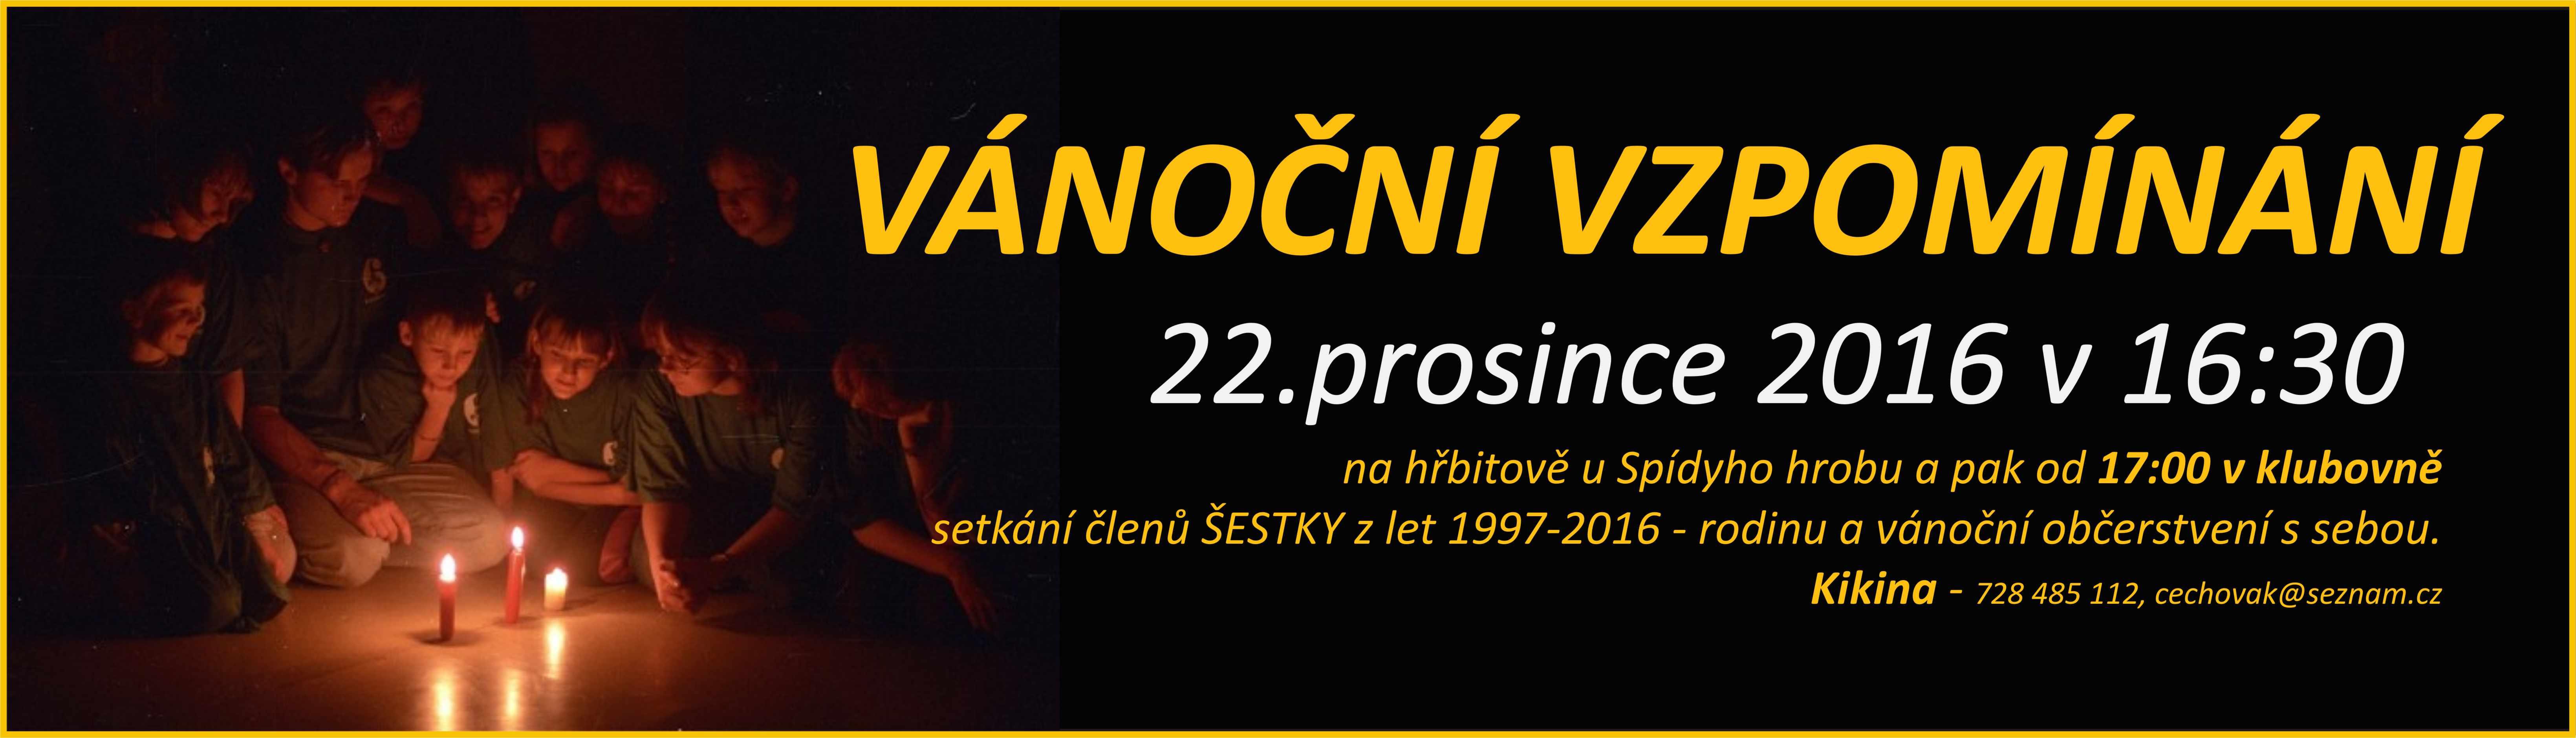 zv_vzpominani_2016